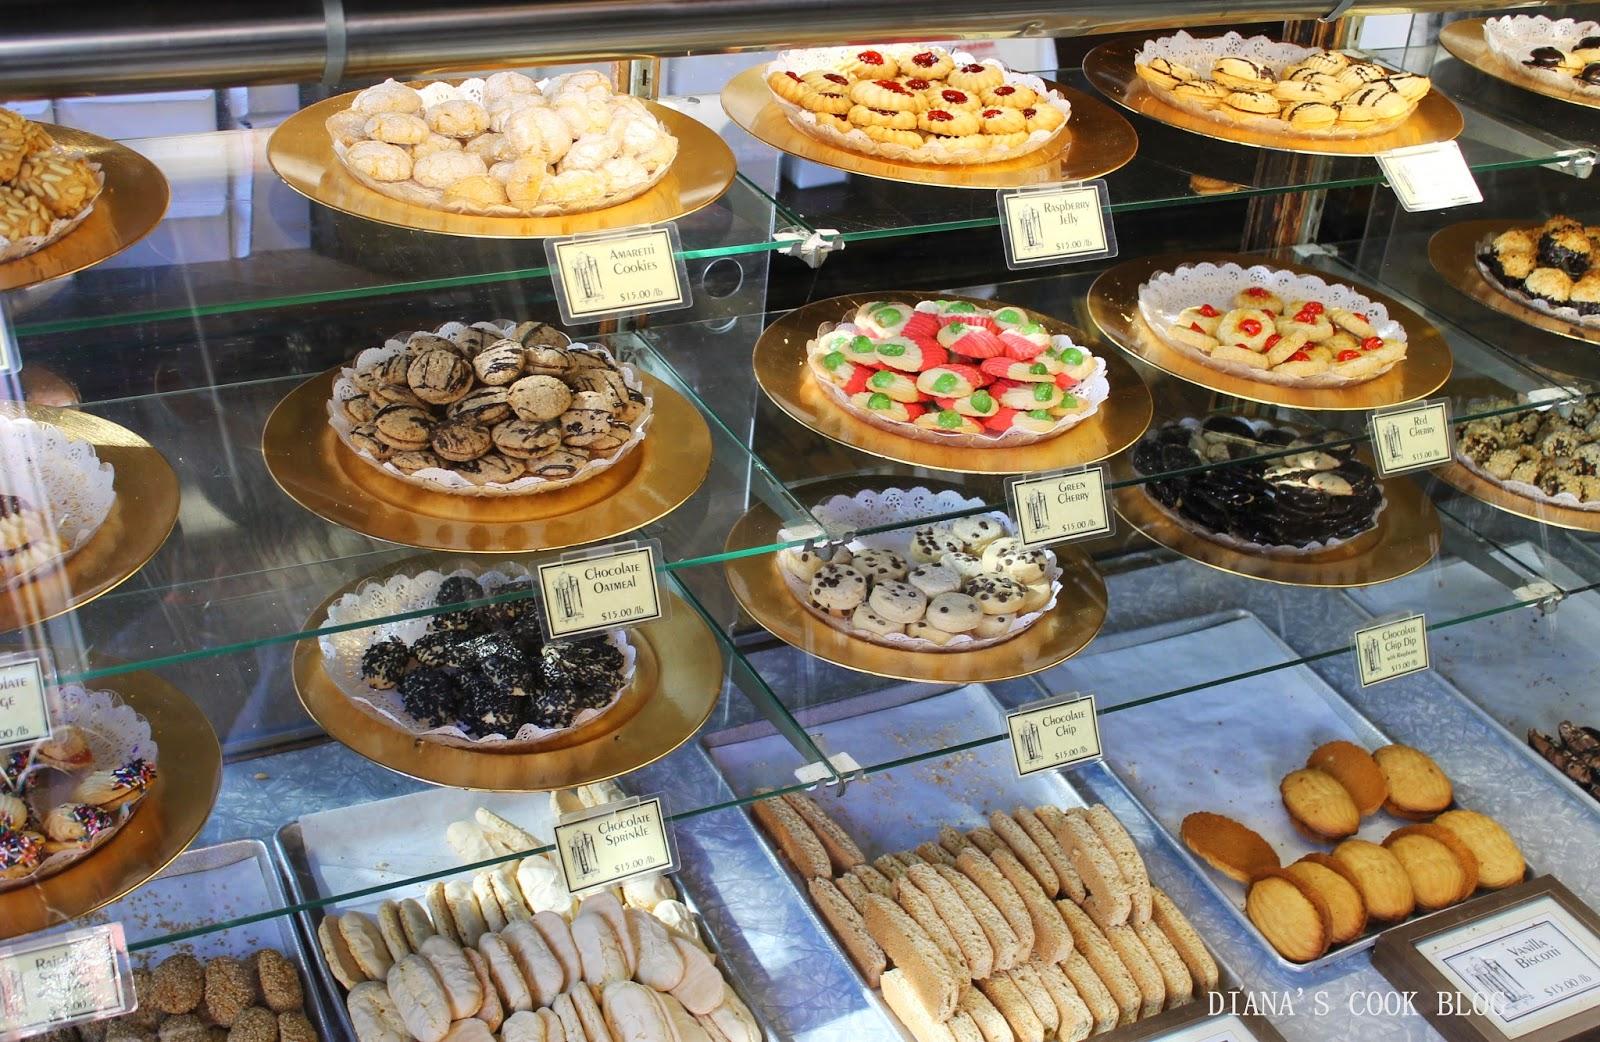 Vous y trouverez également des glaces italiennes, mais aussi certains des  exemples les plus typiques des pâtisseries new,yorkaises, comme le  cheesecake ou